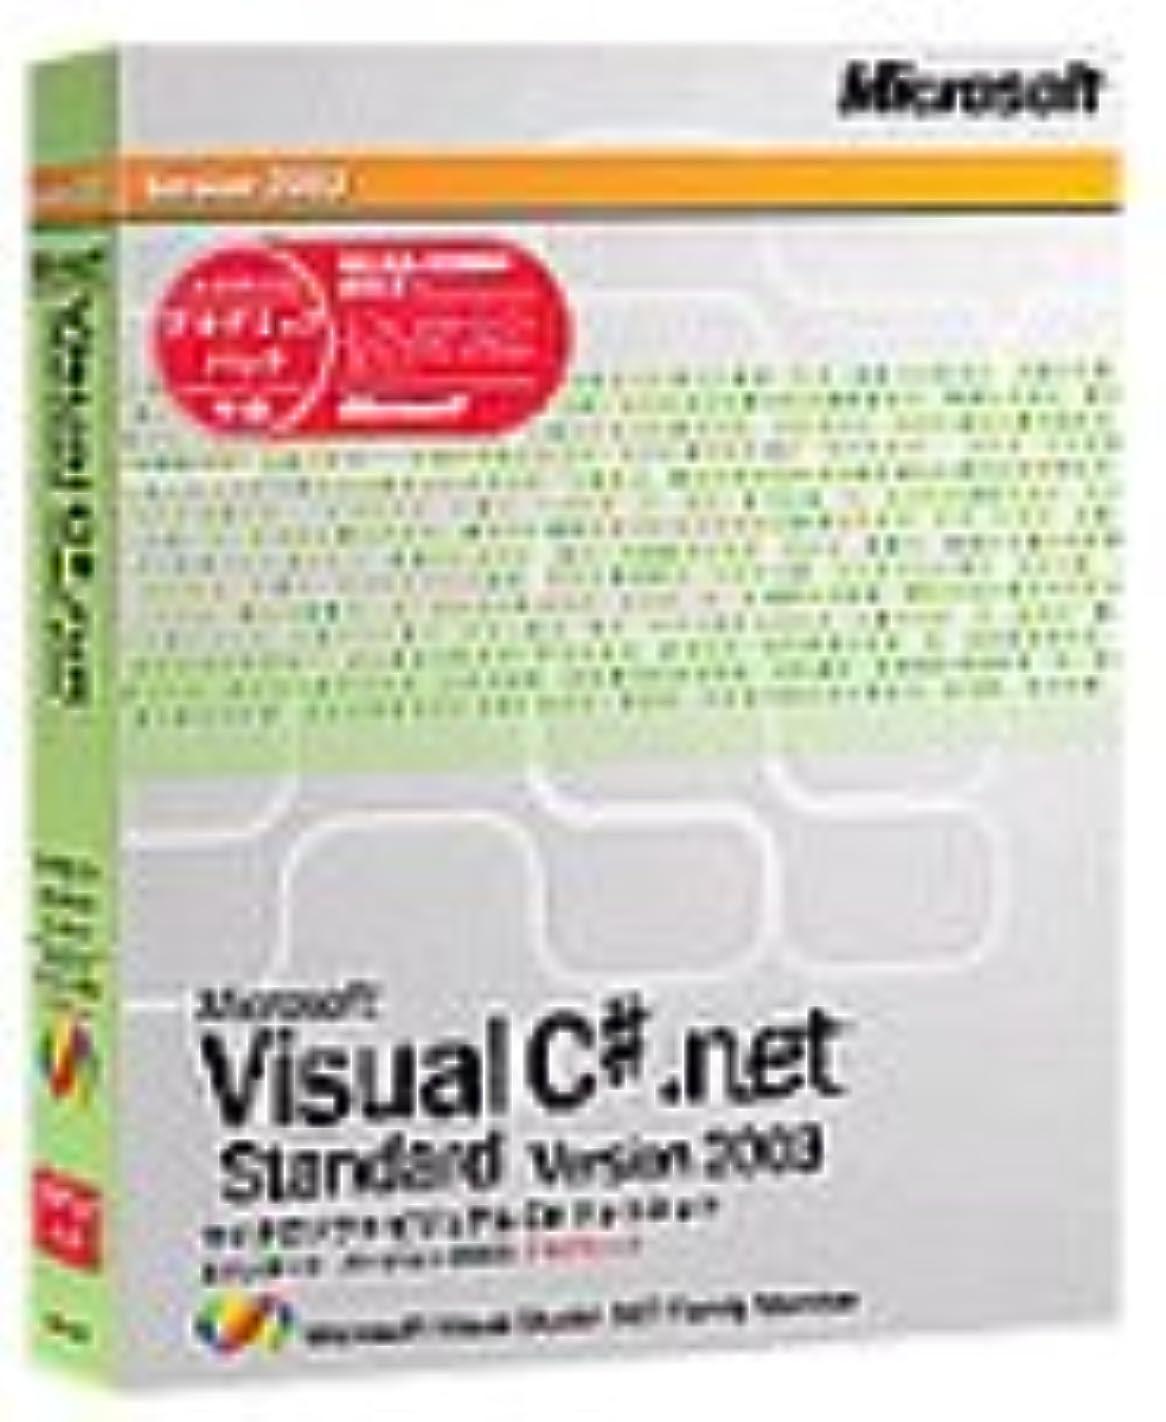 強大な起こりやすいミシン目Microsoft Visual C# .NET Standard Version 2003 アカデミックパック